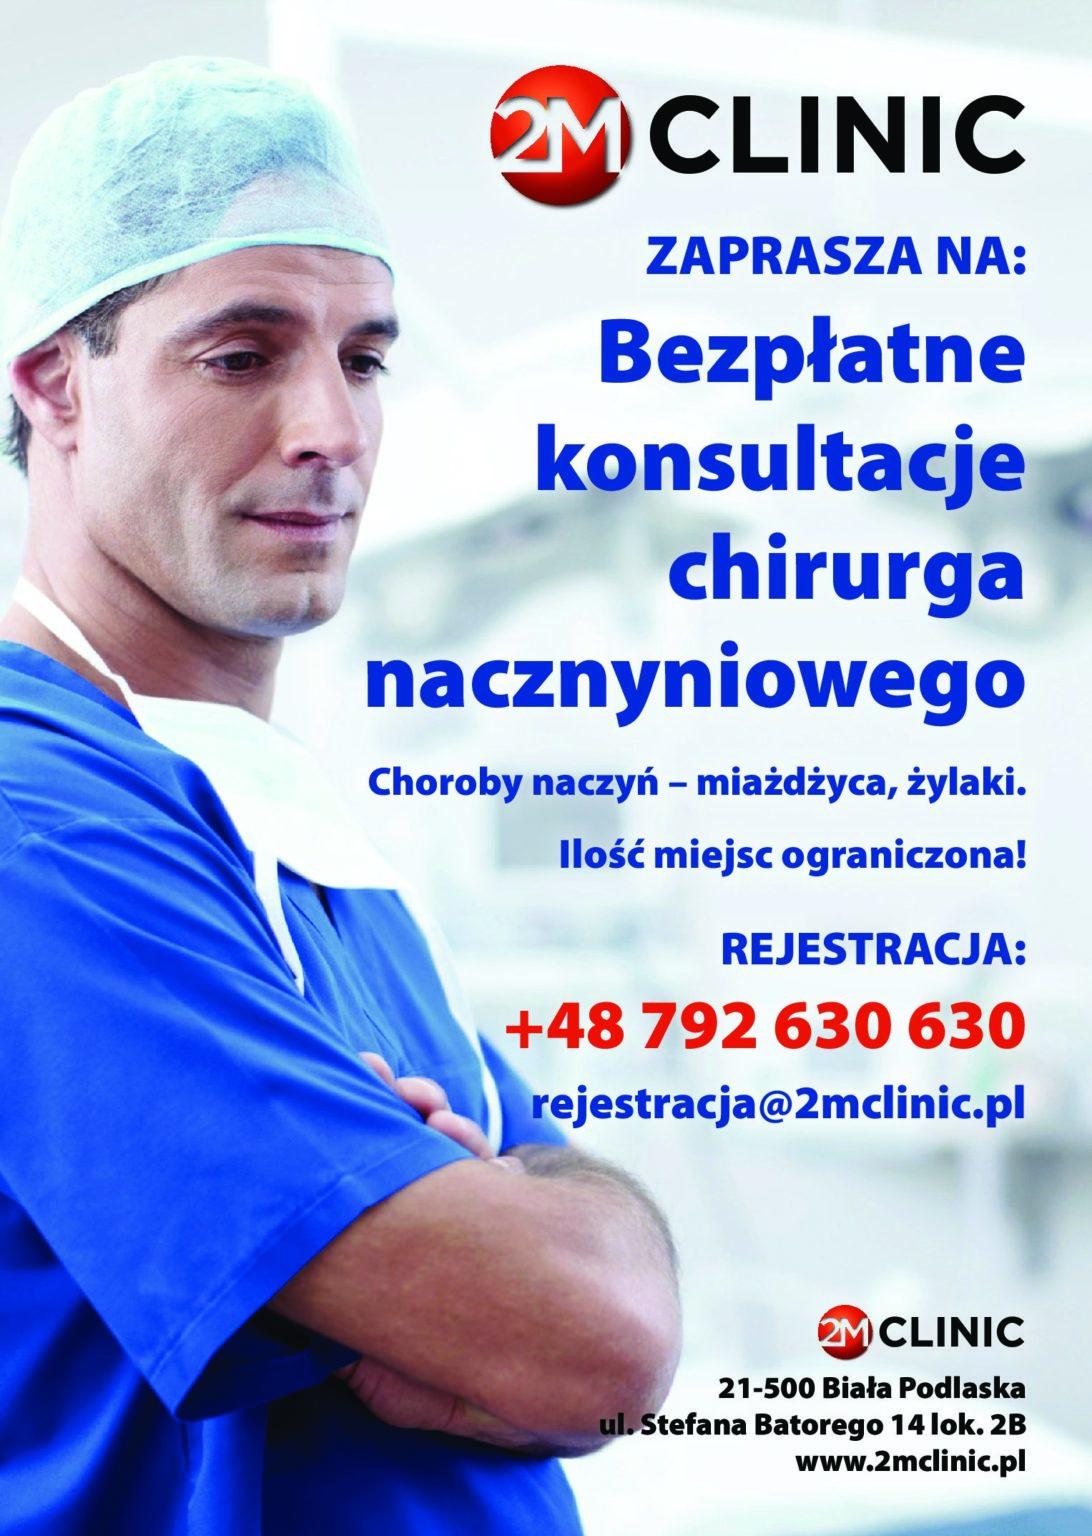 Bezpłatne konsultacje chirurga nacznyniowego